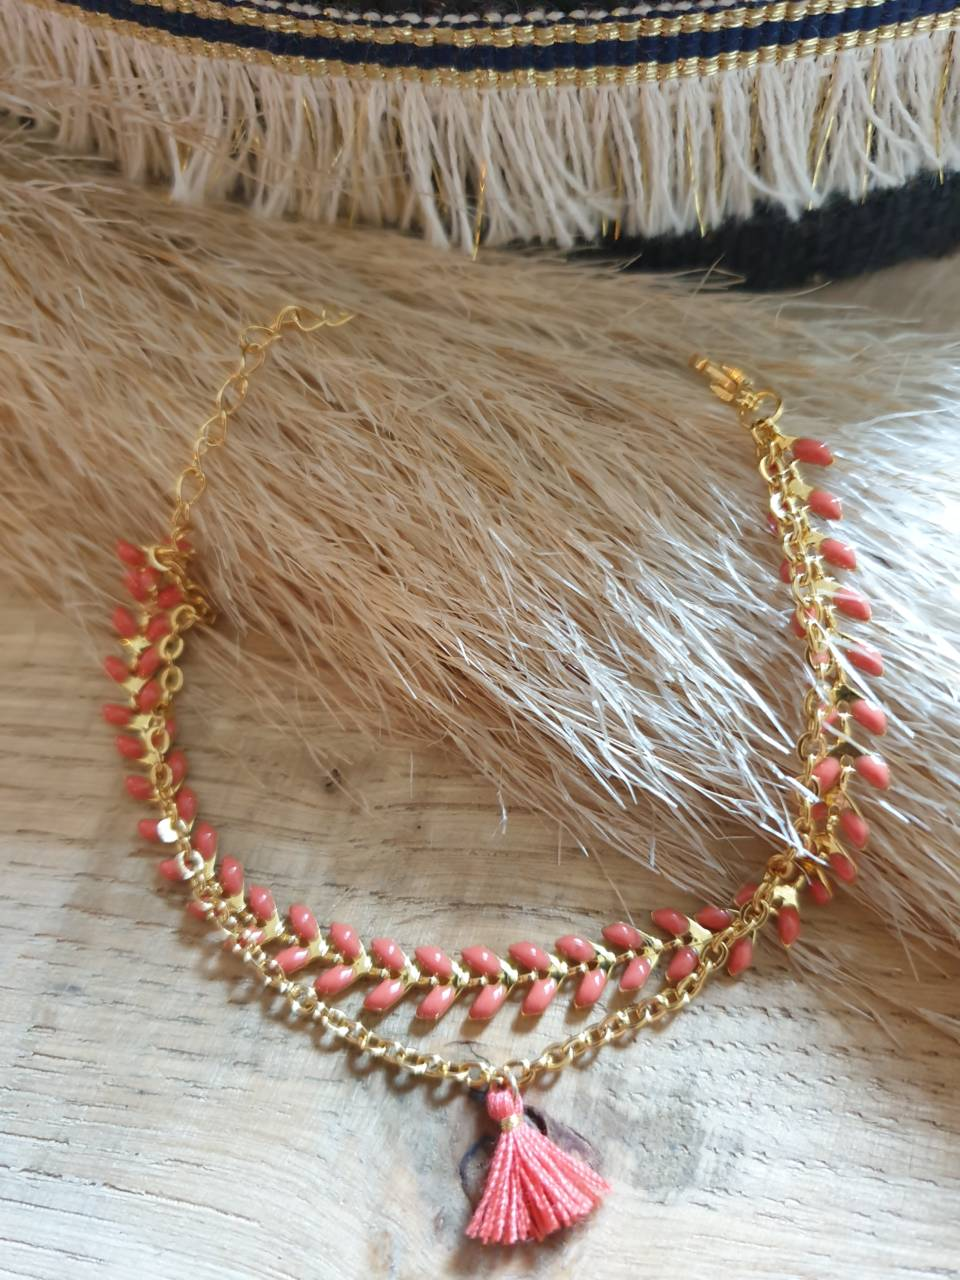 Bracelet chaîne épis doré émaillée corail orné d'un pompon avec chaînette, fermoir mousqueton et chaînette de rallonge Bracelet fait main, adaptable à tous poignet grâce à sa chaînette de rallonge Matériel du bracelet acier inoxydable 17€